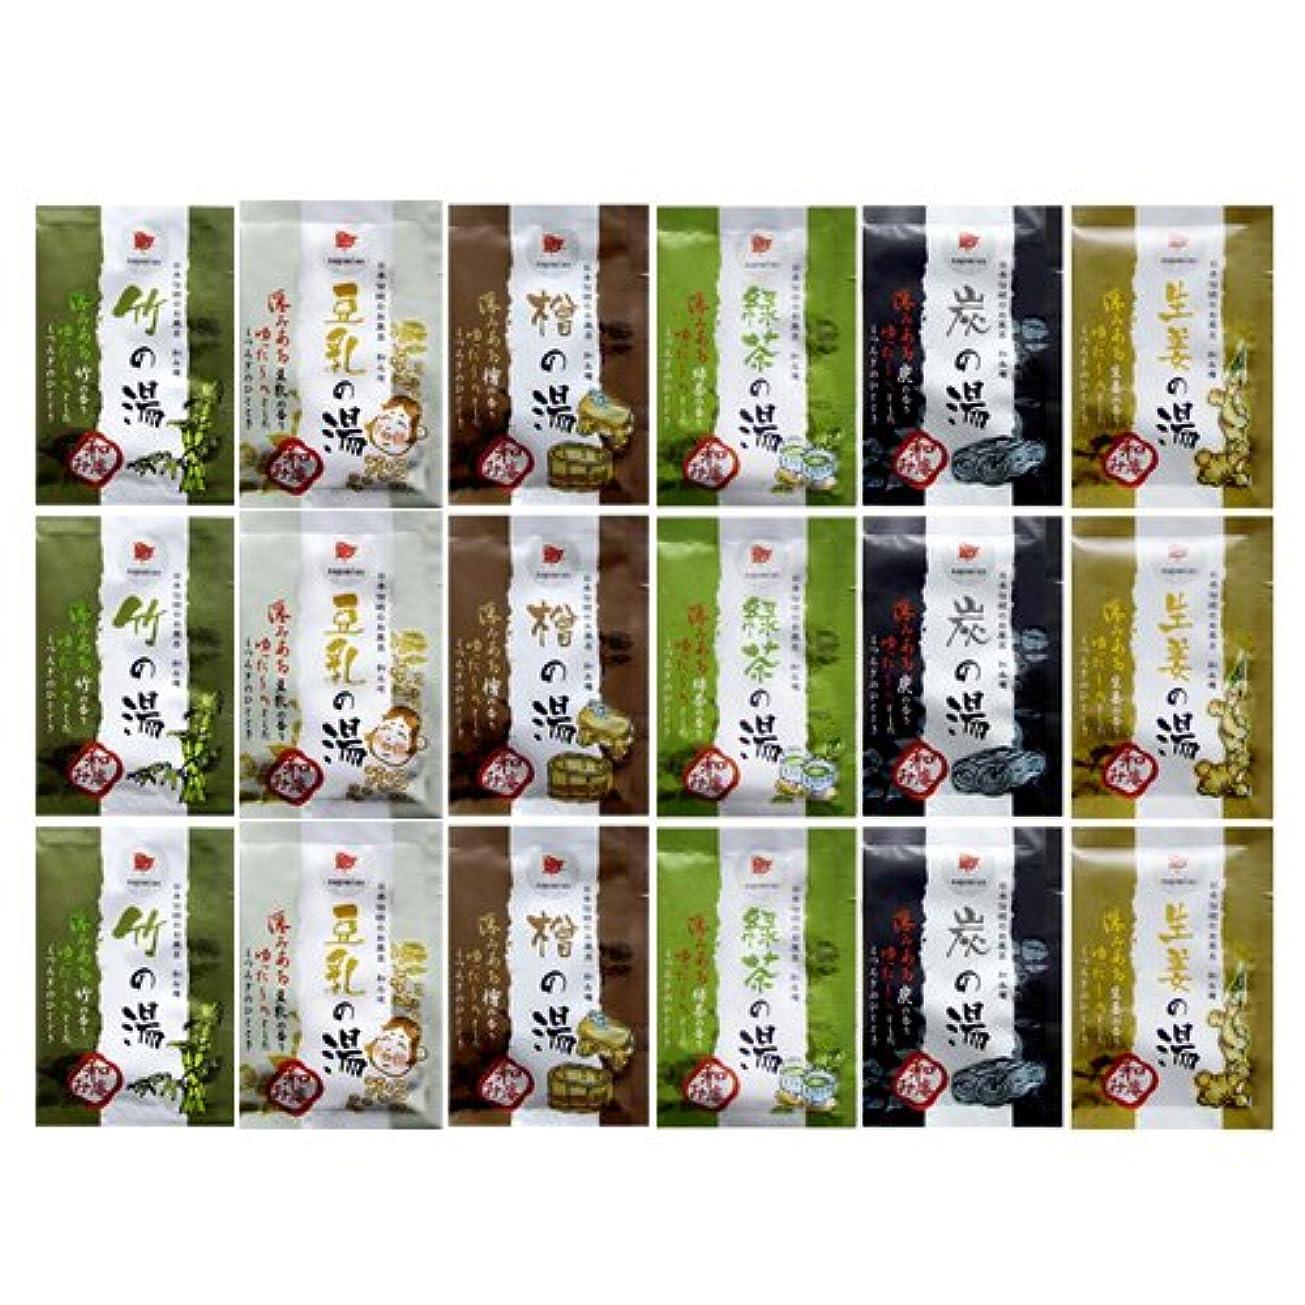 混合品種良い日本伝統のお風呂 和み庵 6種類×3個セット(計18包)